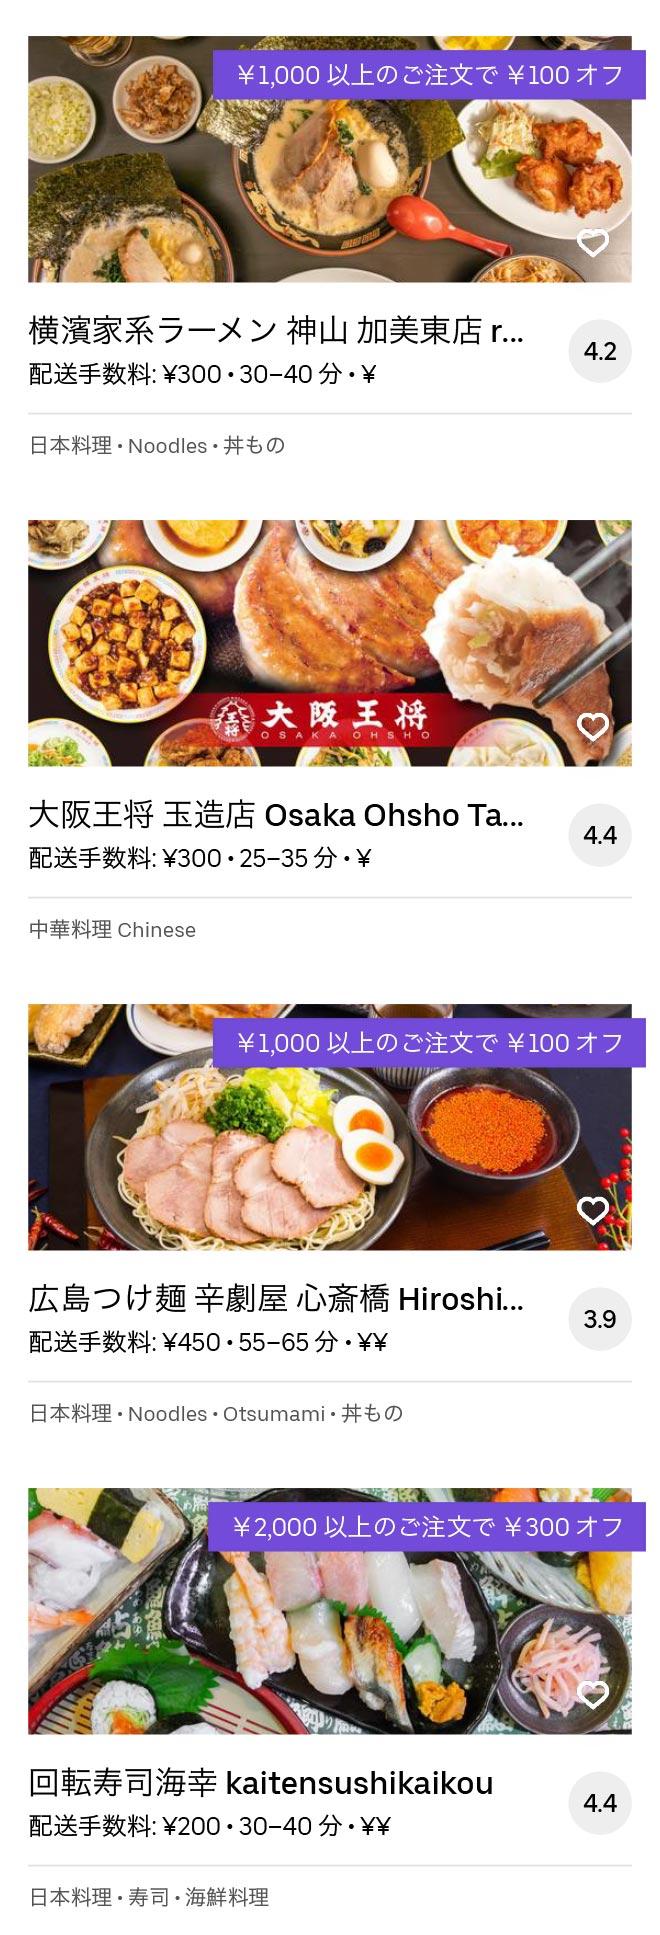 Higashi osaka fuse menu 2005 08